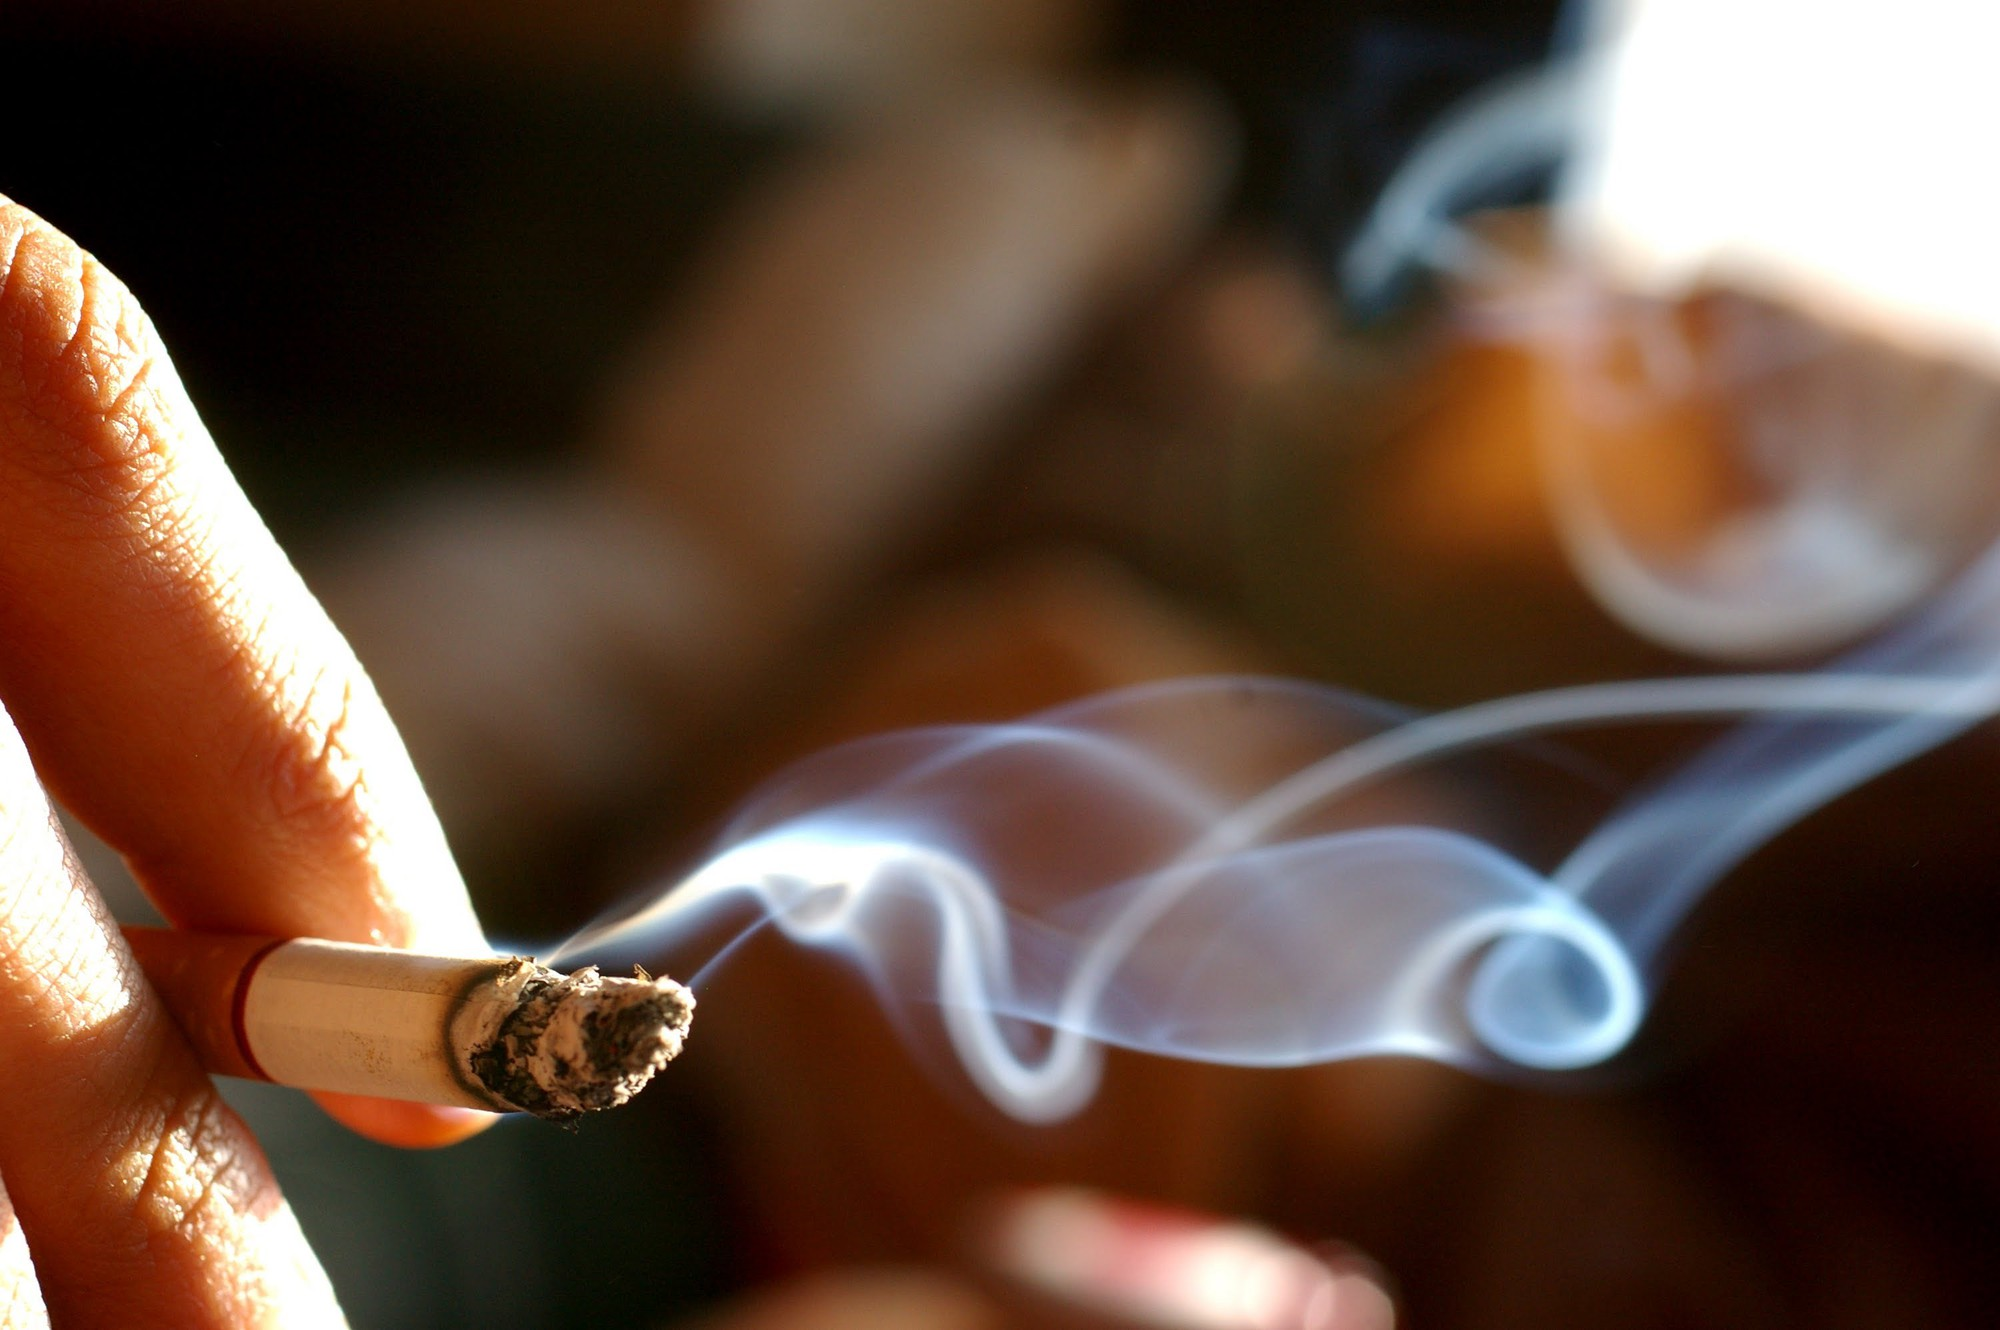 Trong thuốc lá có chứa hơn 60 chất độc có thể gây ung thư phổi